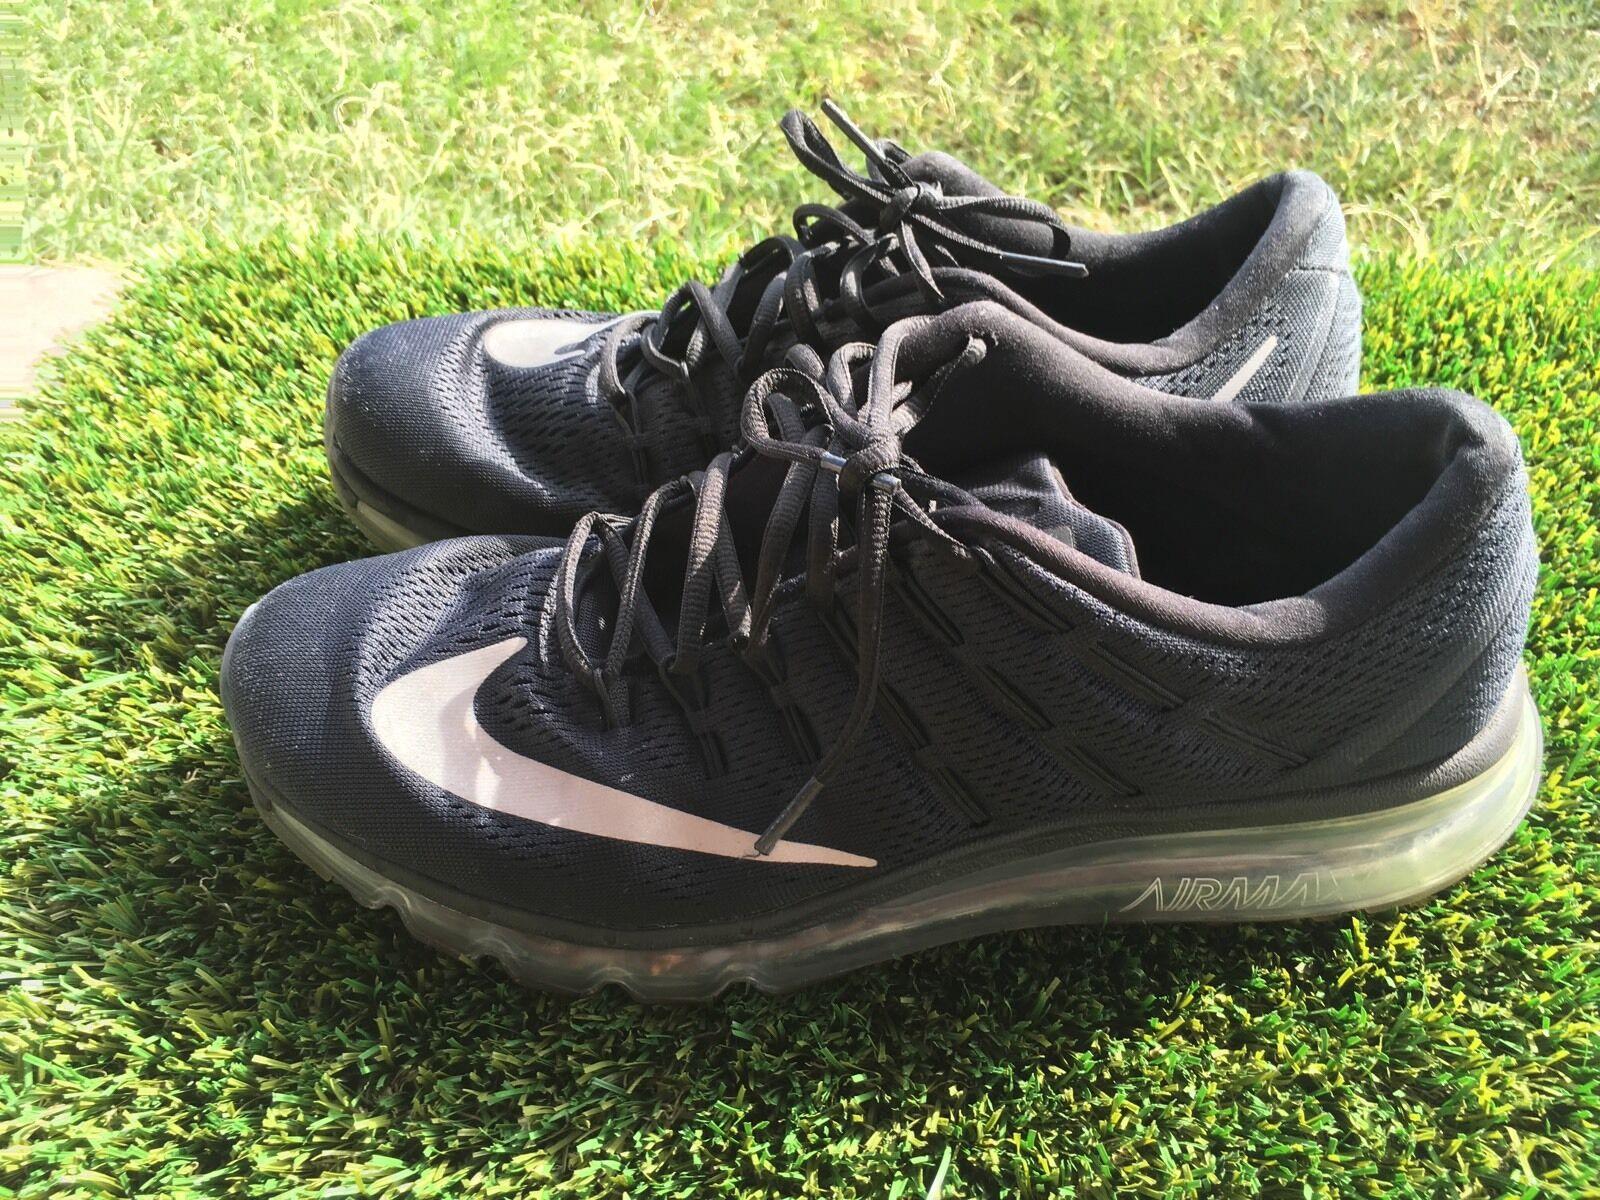 Hombre nike air max 2018 806771-001 10,5 Negro Corriendo zapatos tamaño 10,5 806771-001 6115e7